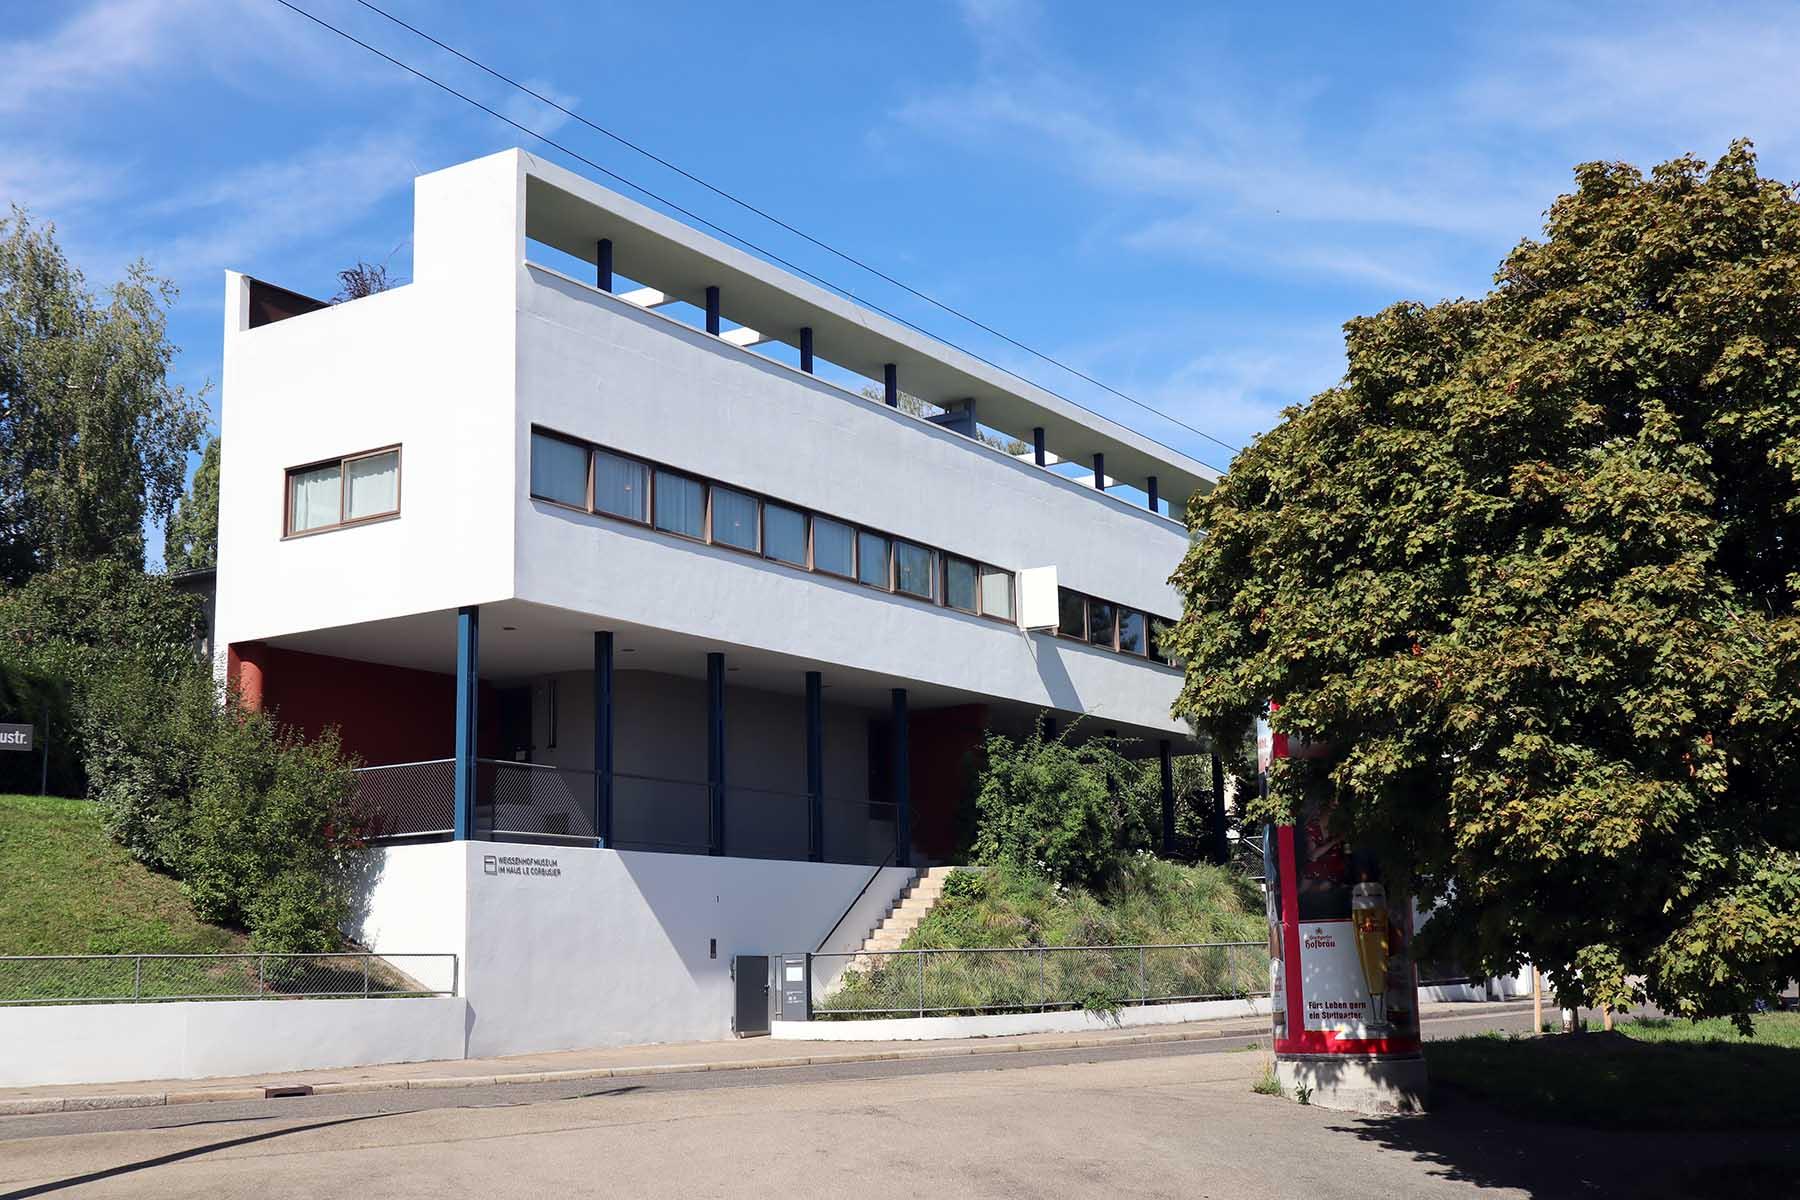 """Weissenhofmuseum im Haus Le Corbusier. Die in den 1920er-Jahren von Le Corbusier formulierten """"Fünf Punkte zu einer neuen Architektur"""" setzte dieser zusammen mit Pierre Jeanneret in dem Doppelhaus anschaulich um."""